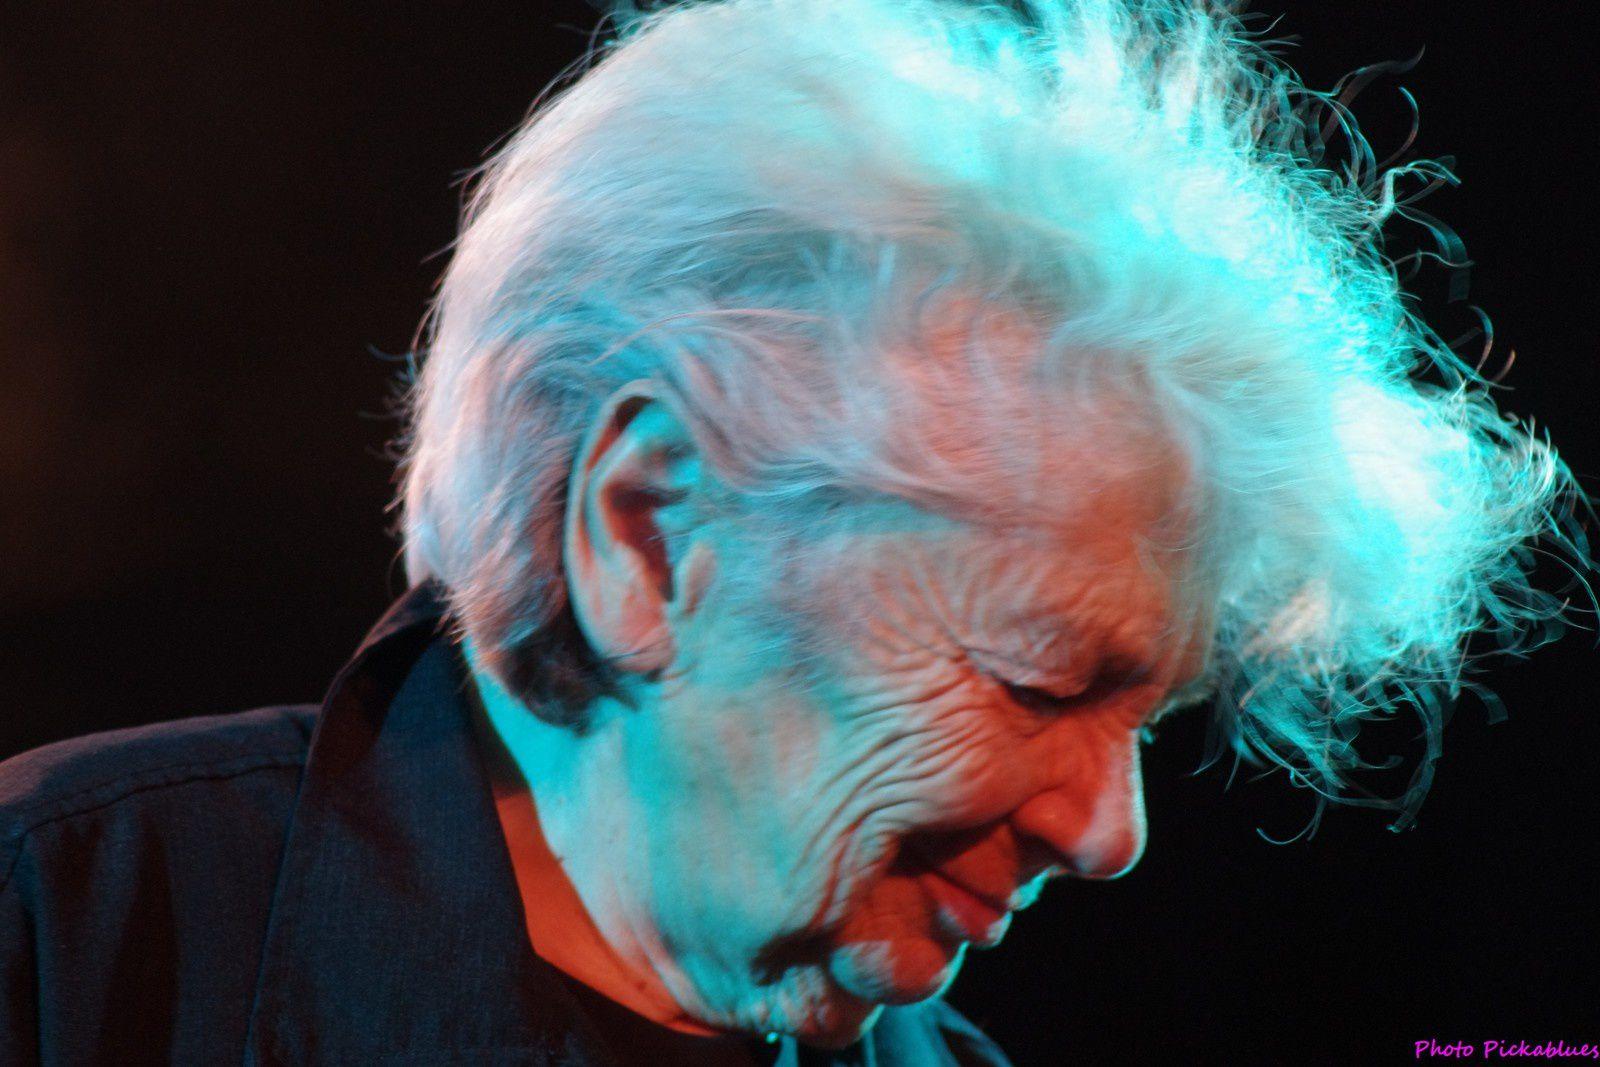 Little Bob - 25 octobre 2015 - La Boite à Musiques, Wattrelos (59)